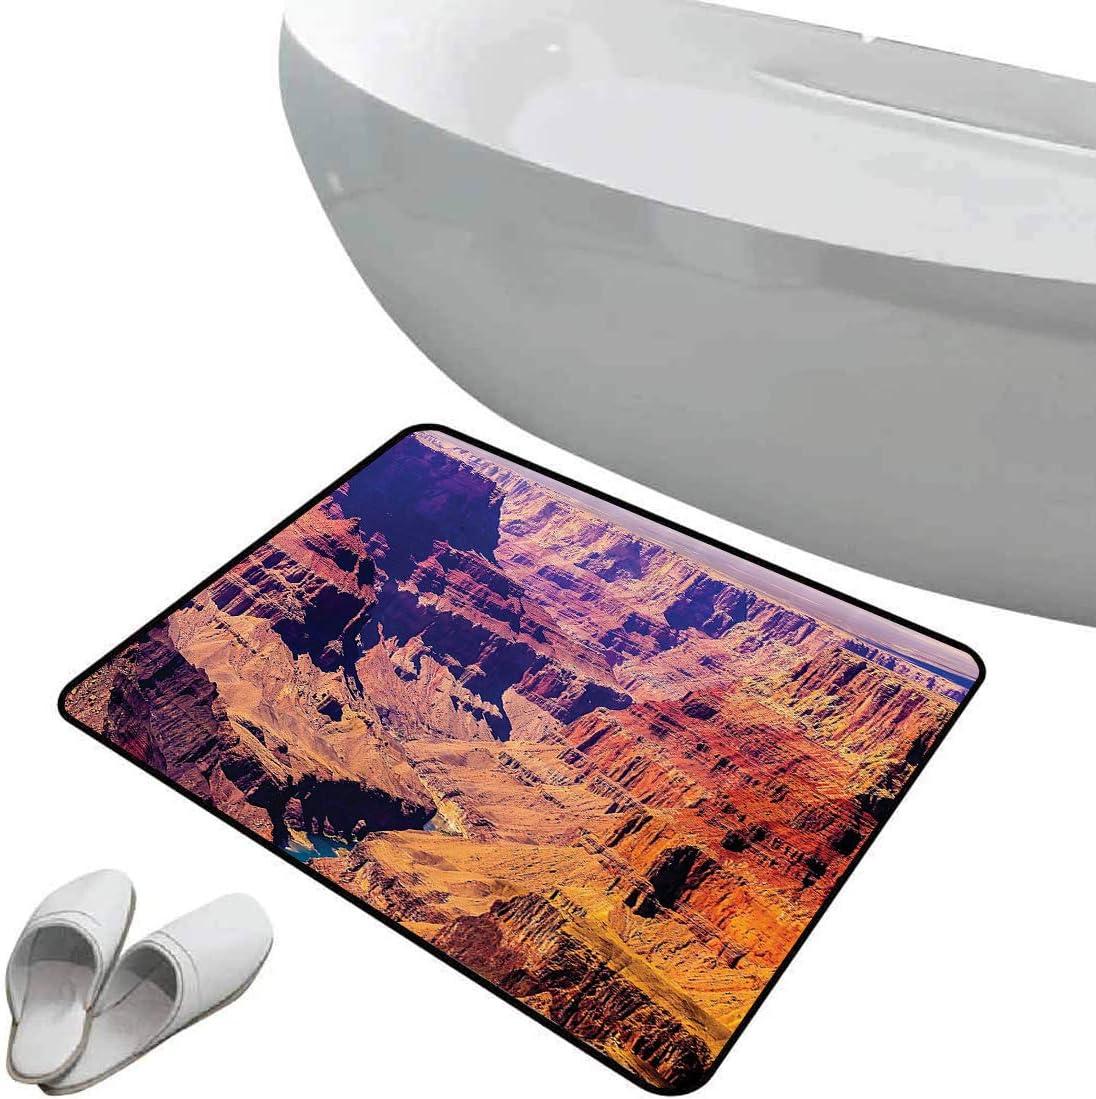 Alfombra de baño antideslizante Gran Cañón en Arizona con elevaciones de base Sublime paisaje tribal de América del Norte Área segura de alfombra de baño antideslizante suave Naranja Verde Gris, Felpu